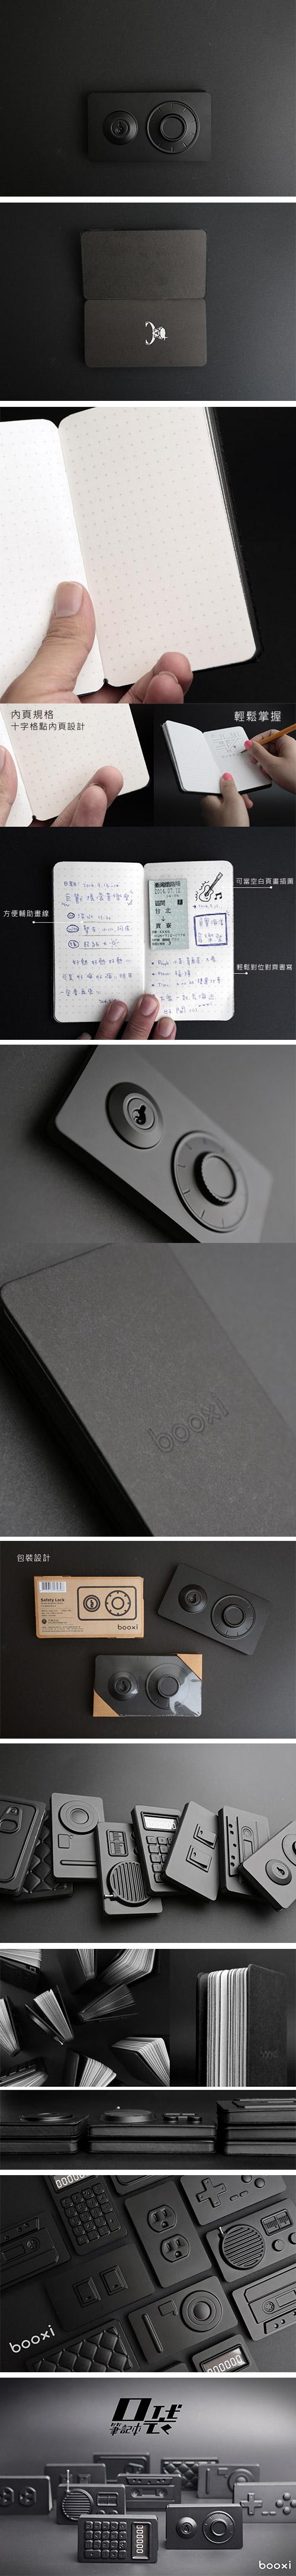 天晴設計 安全鎖造型筆記本 Safety Lock Notebook